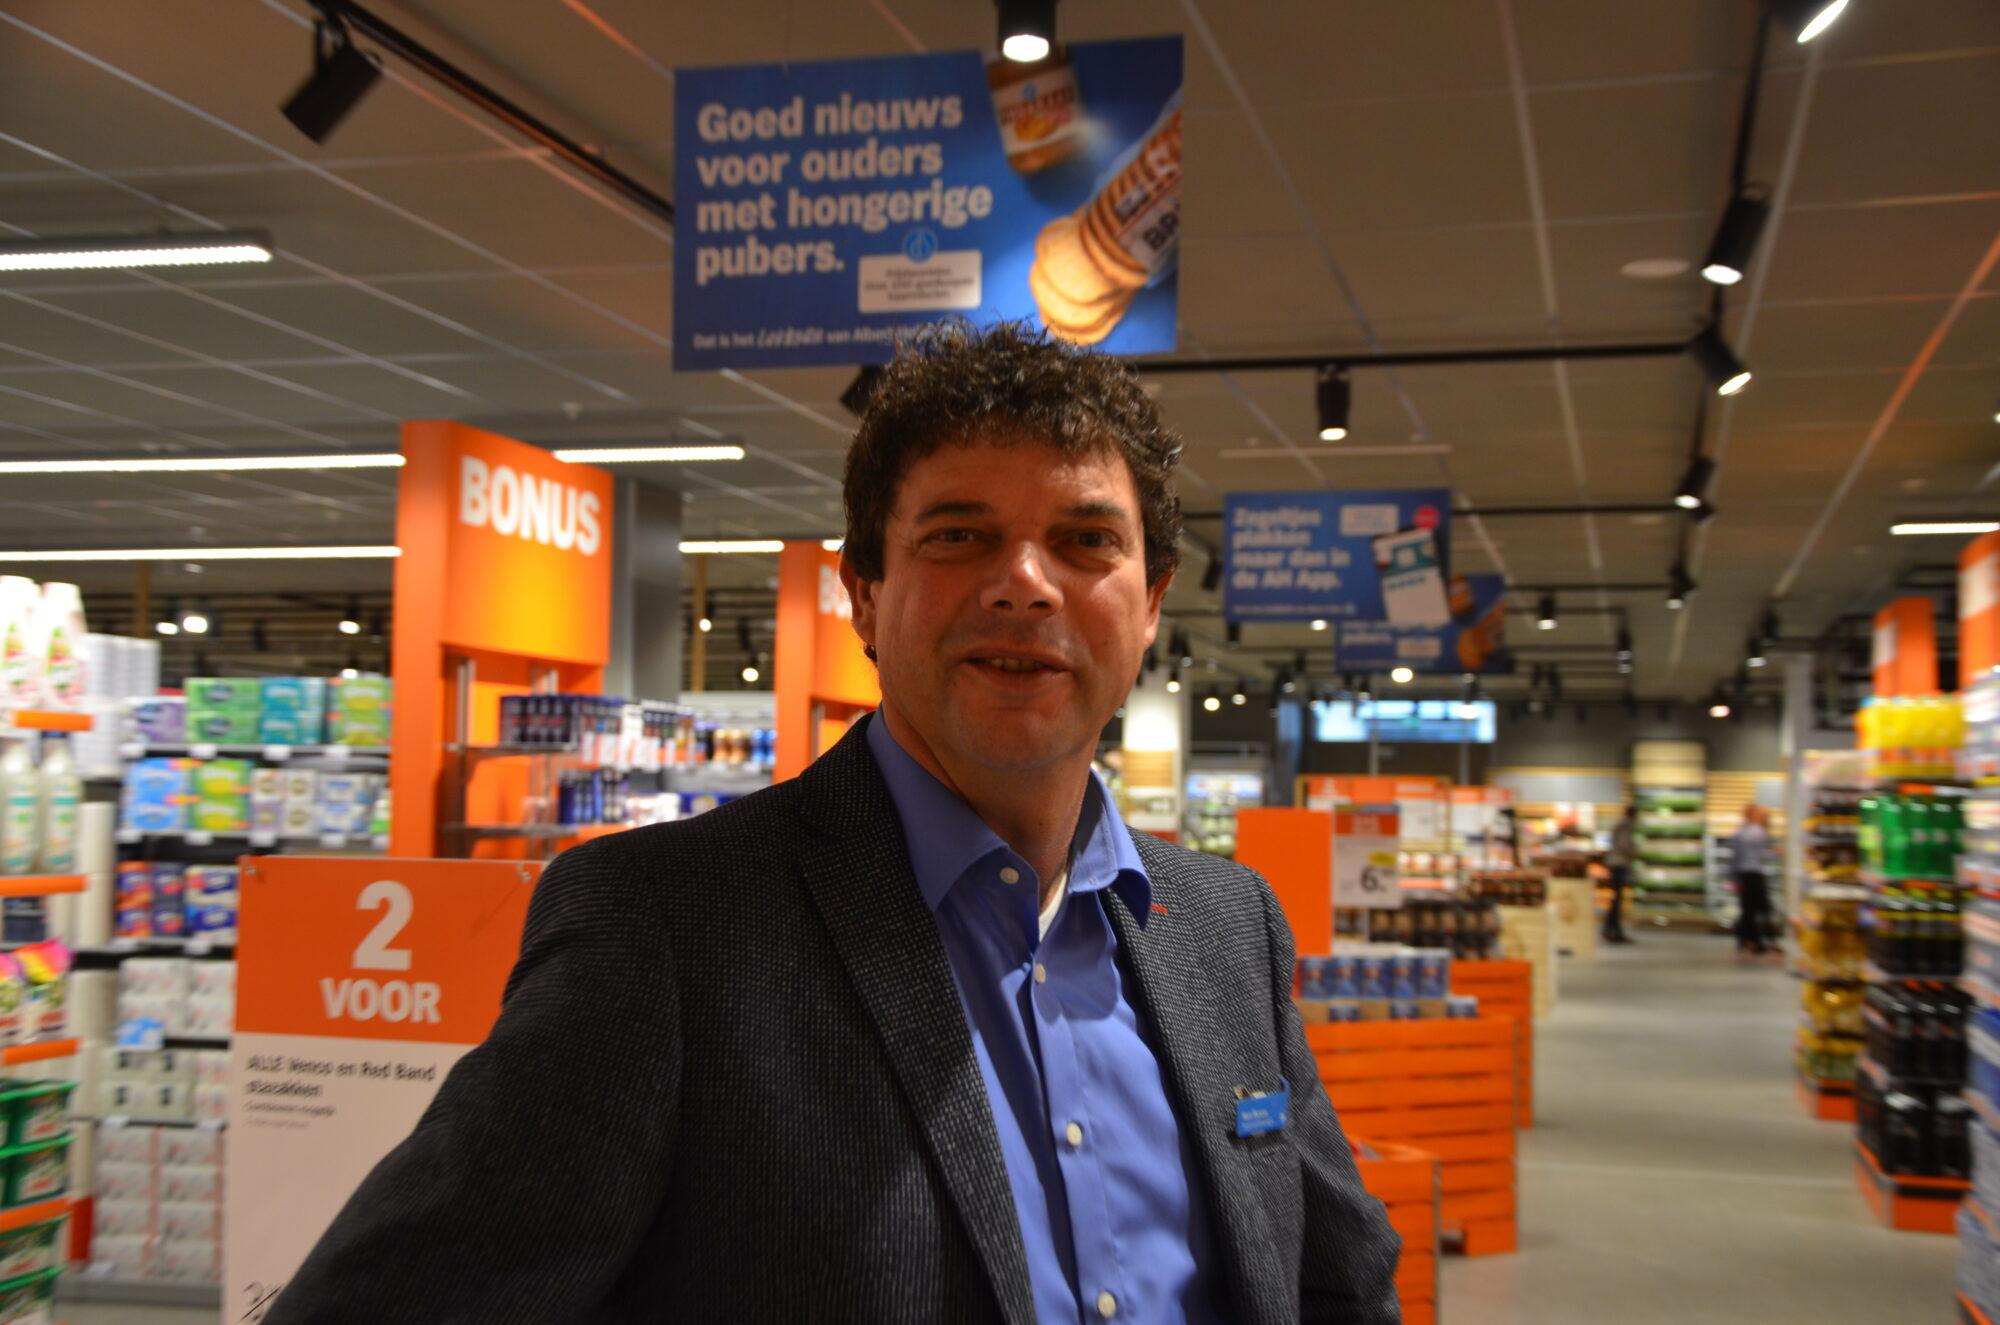 Supermarktmanager Hans Muscus: 'De klant komt altijd van rechts'